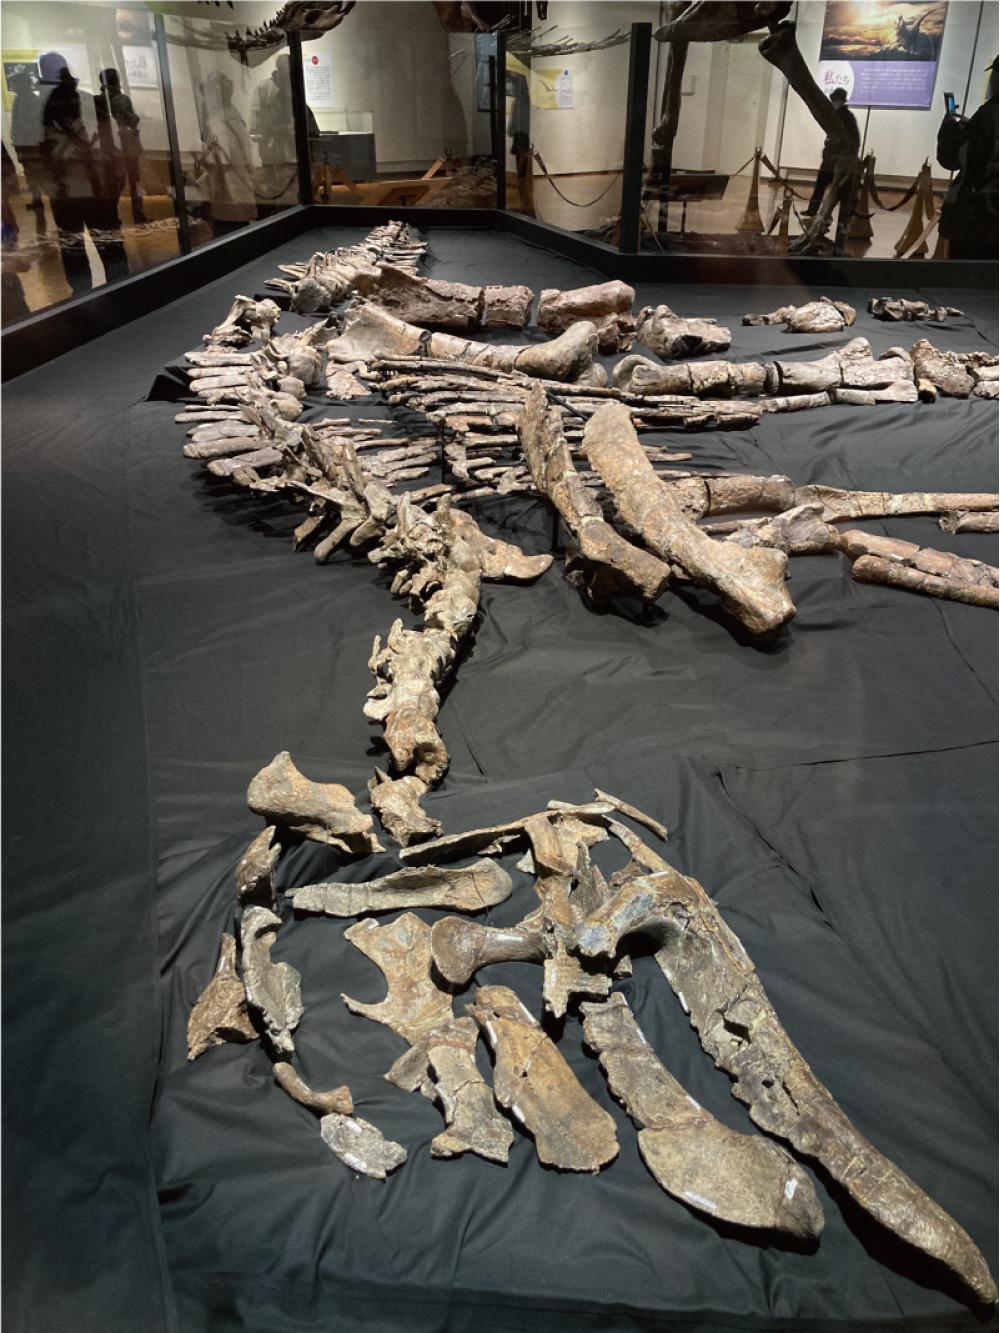 カムイサウルスの全身骨格化石